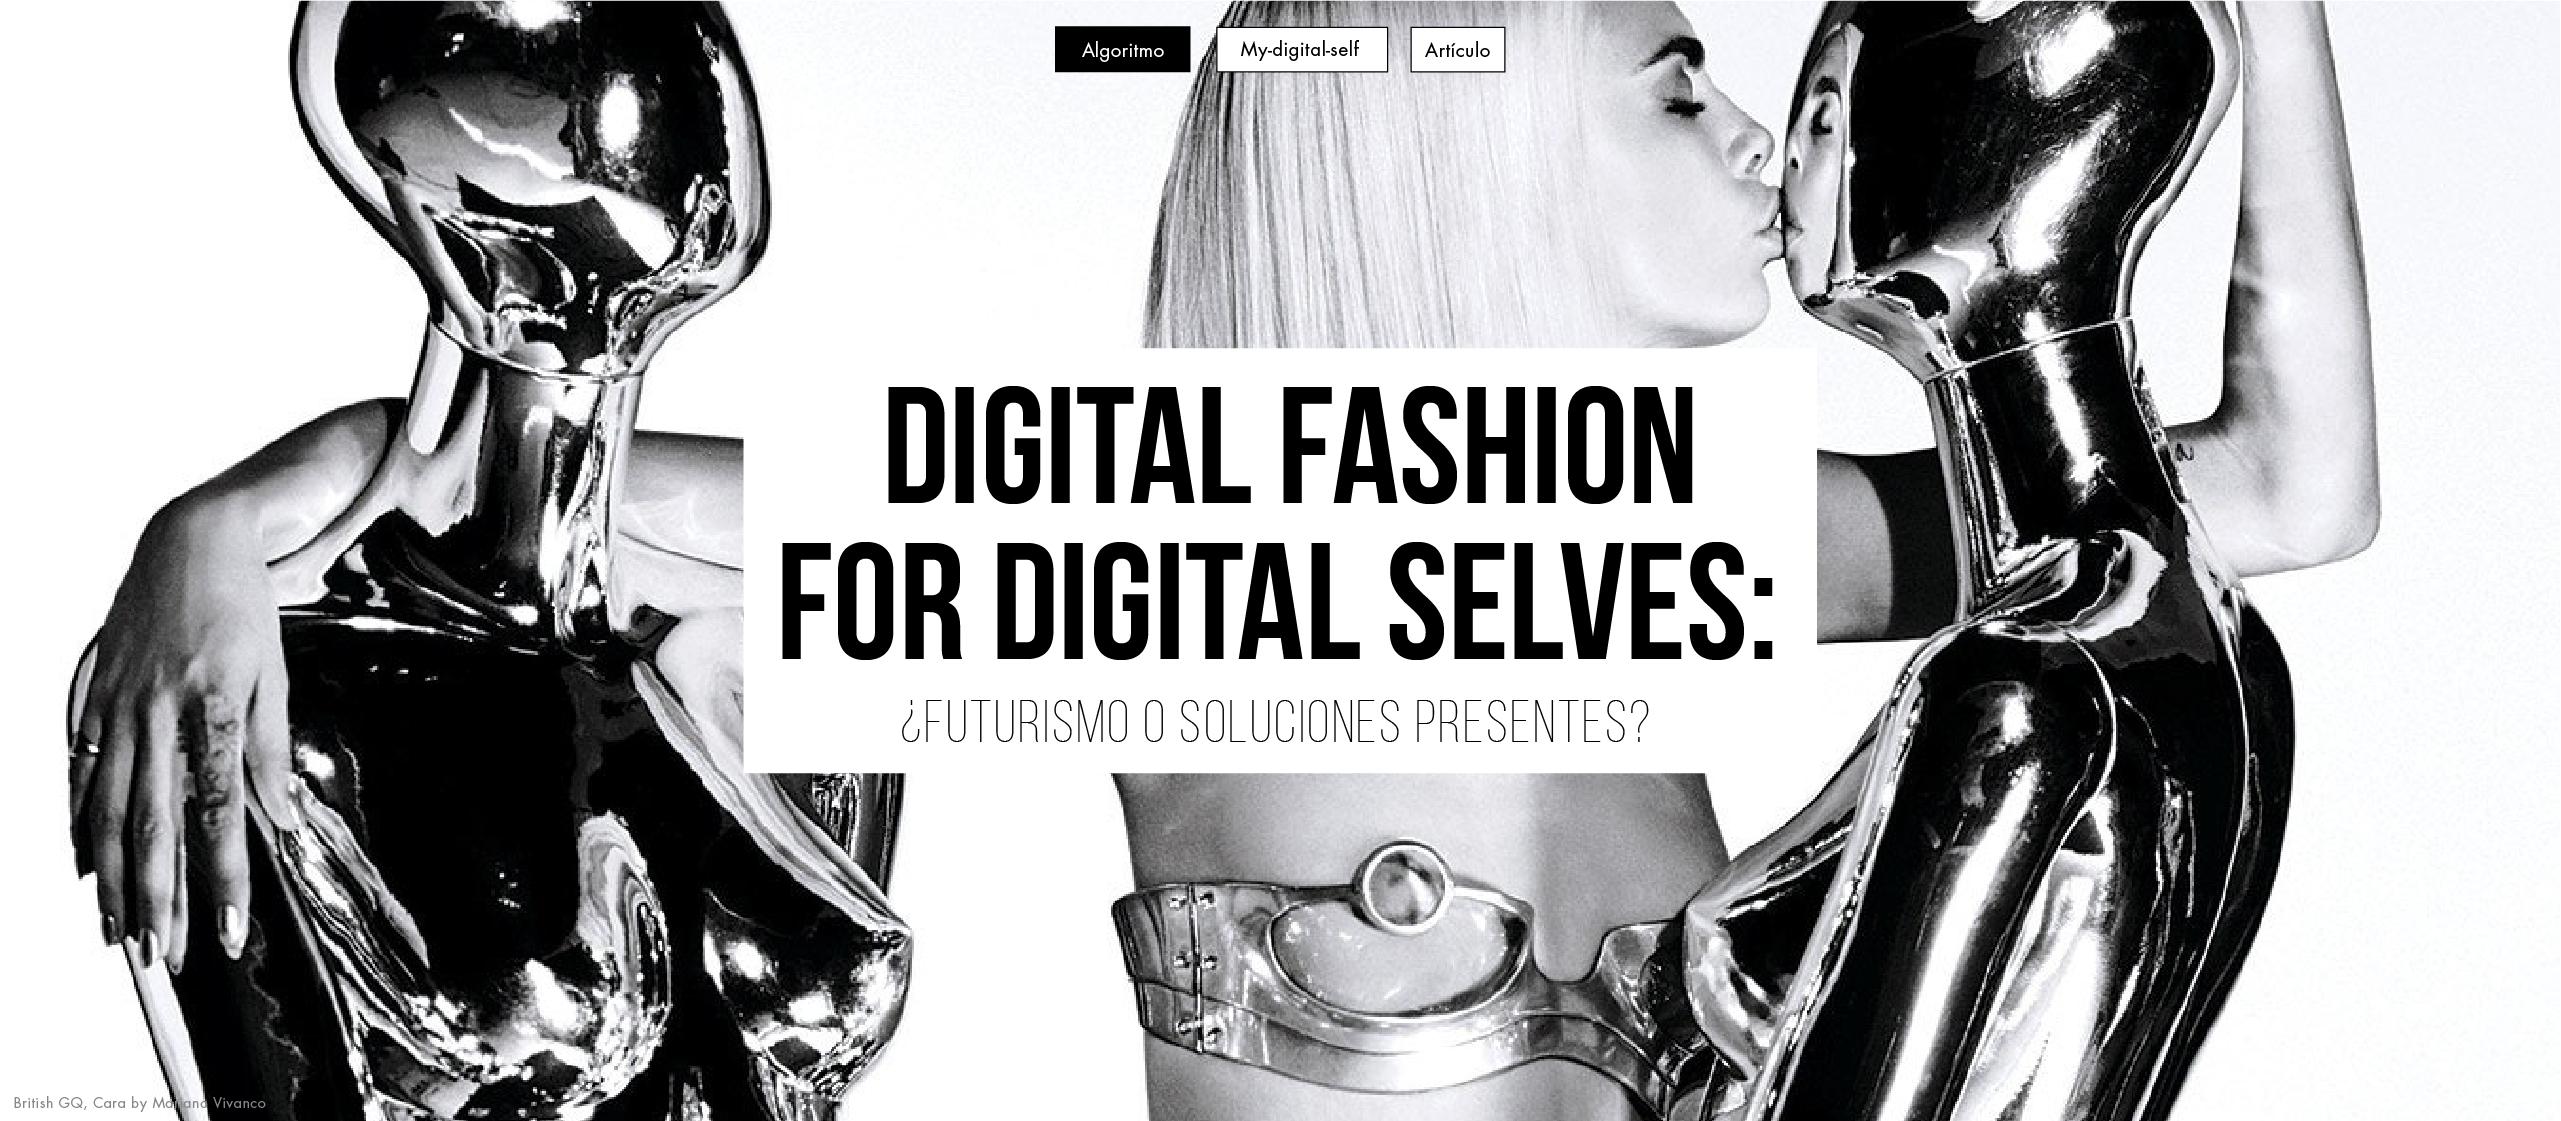 Digital Fashion for Digital Selves: ¿Futurismo o soluciones presentes?